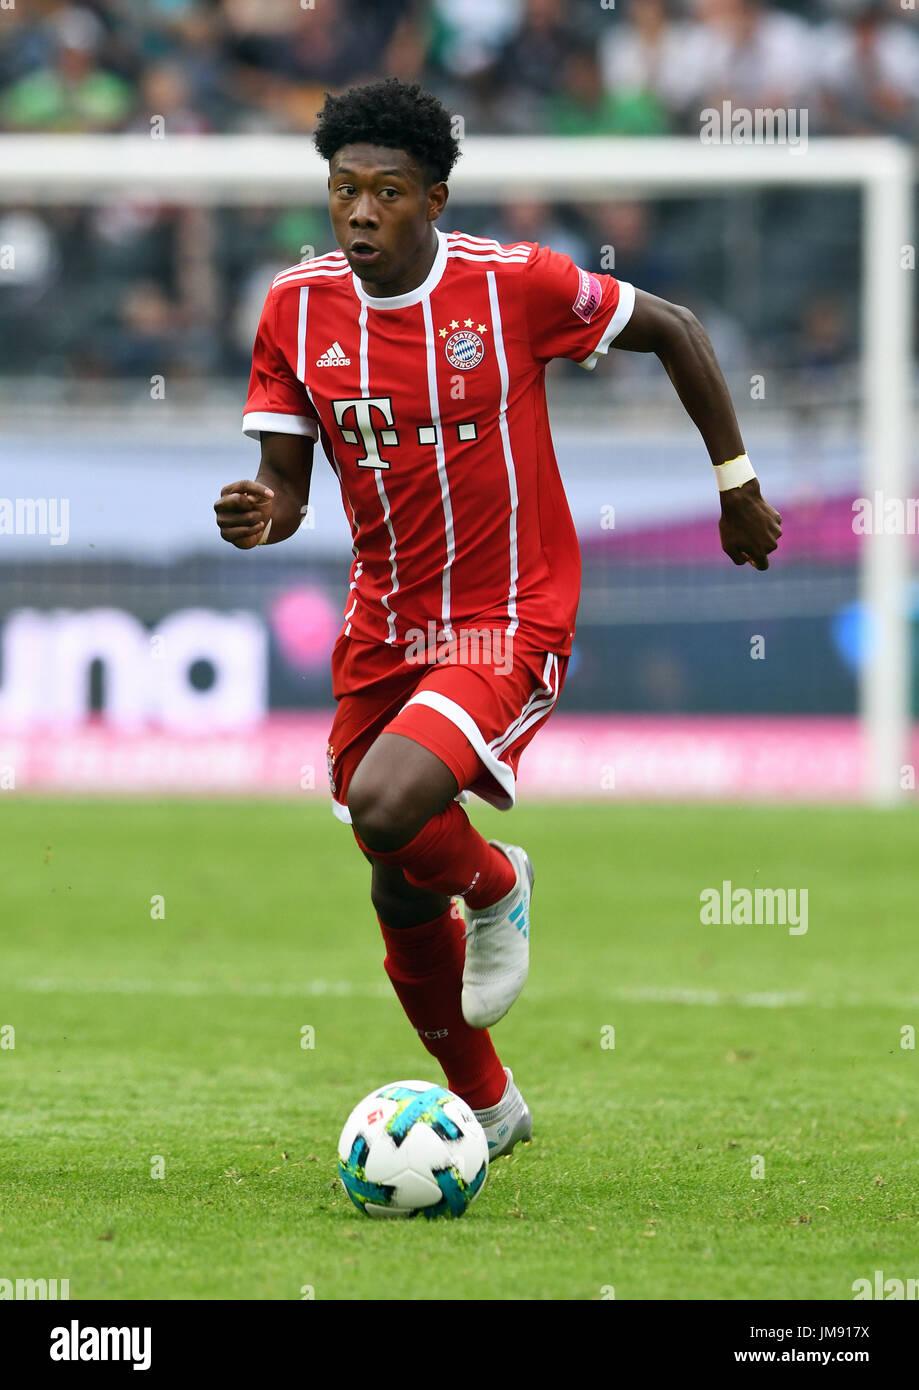 FC Bayern München Vs Werder Bremen David Alaba aus München